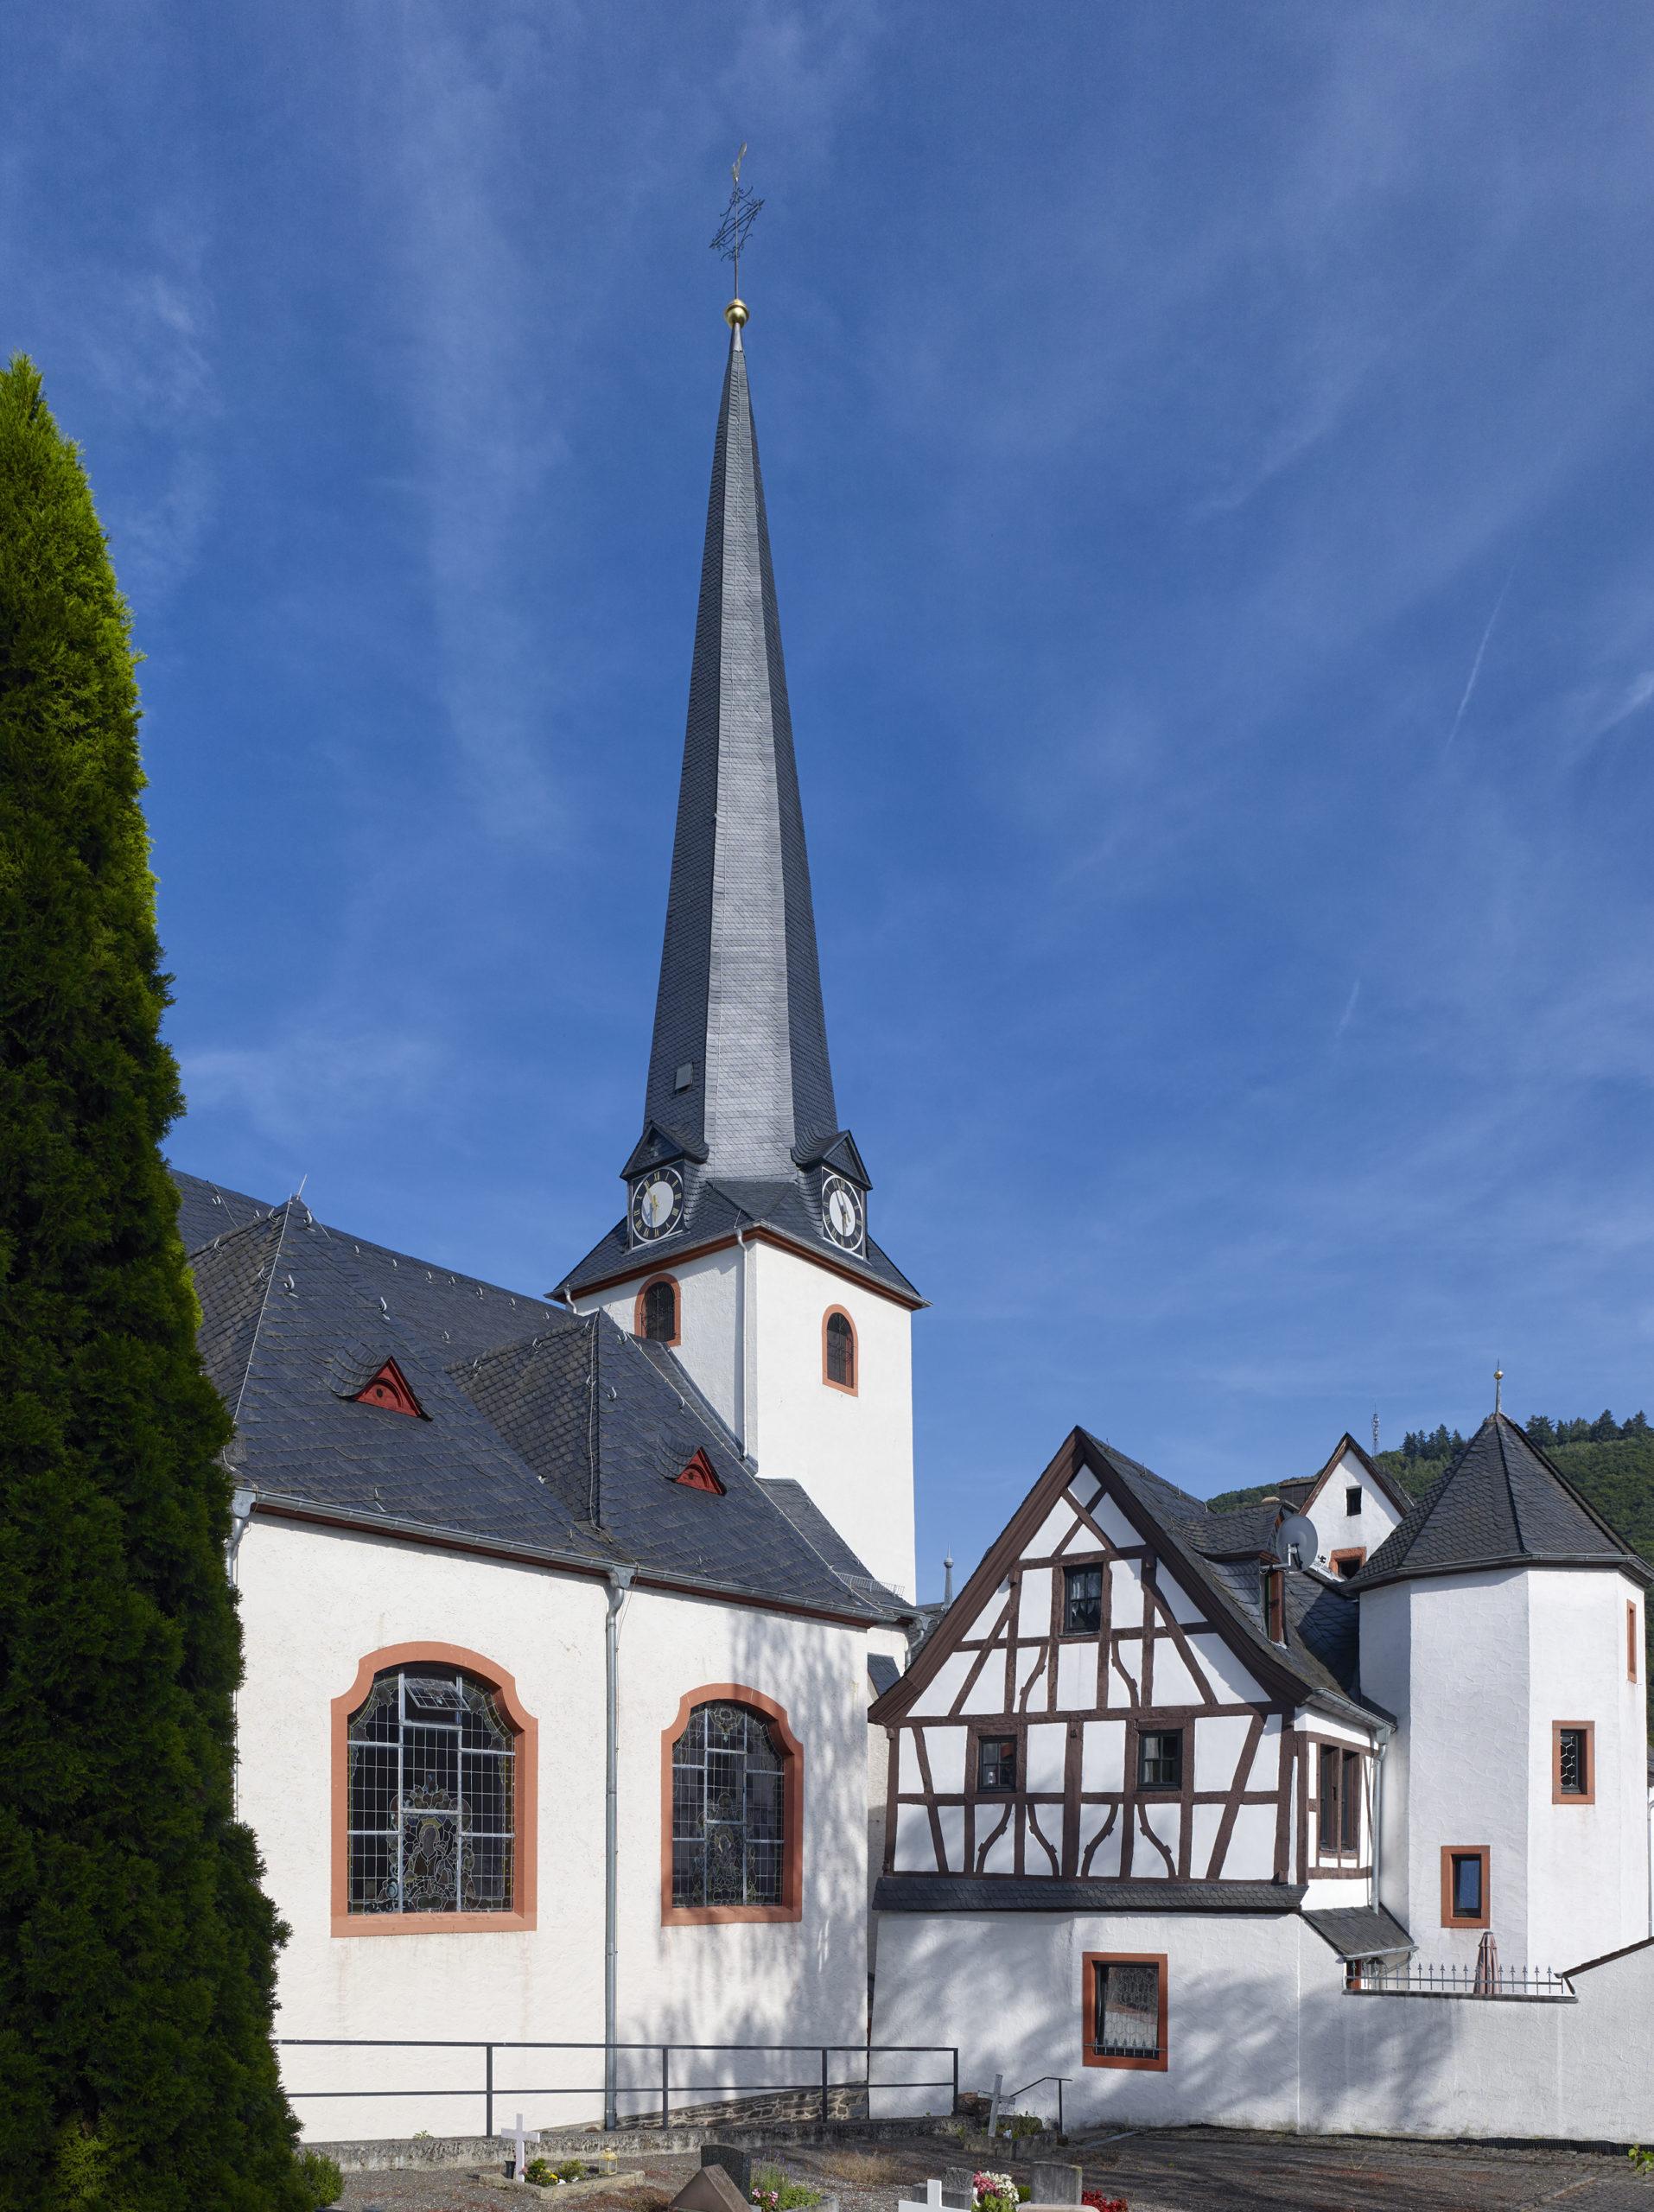 Kirche St. Briktius, Bernkastel-Kues Sanierung Außenansicht Turm und Fassade